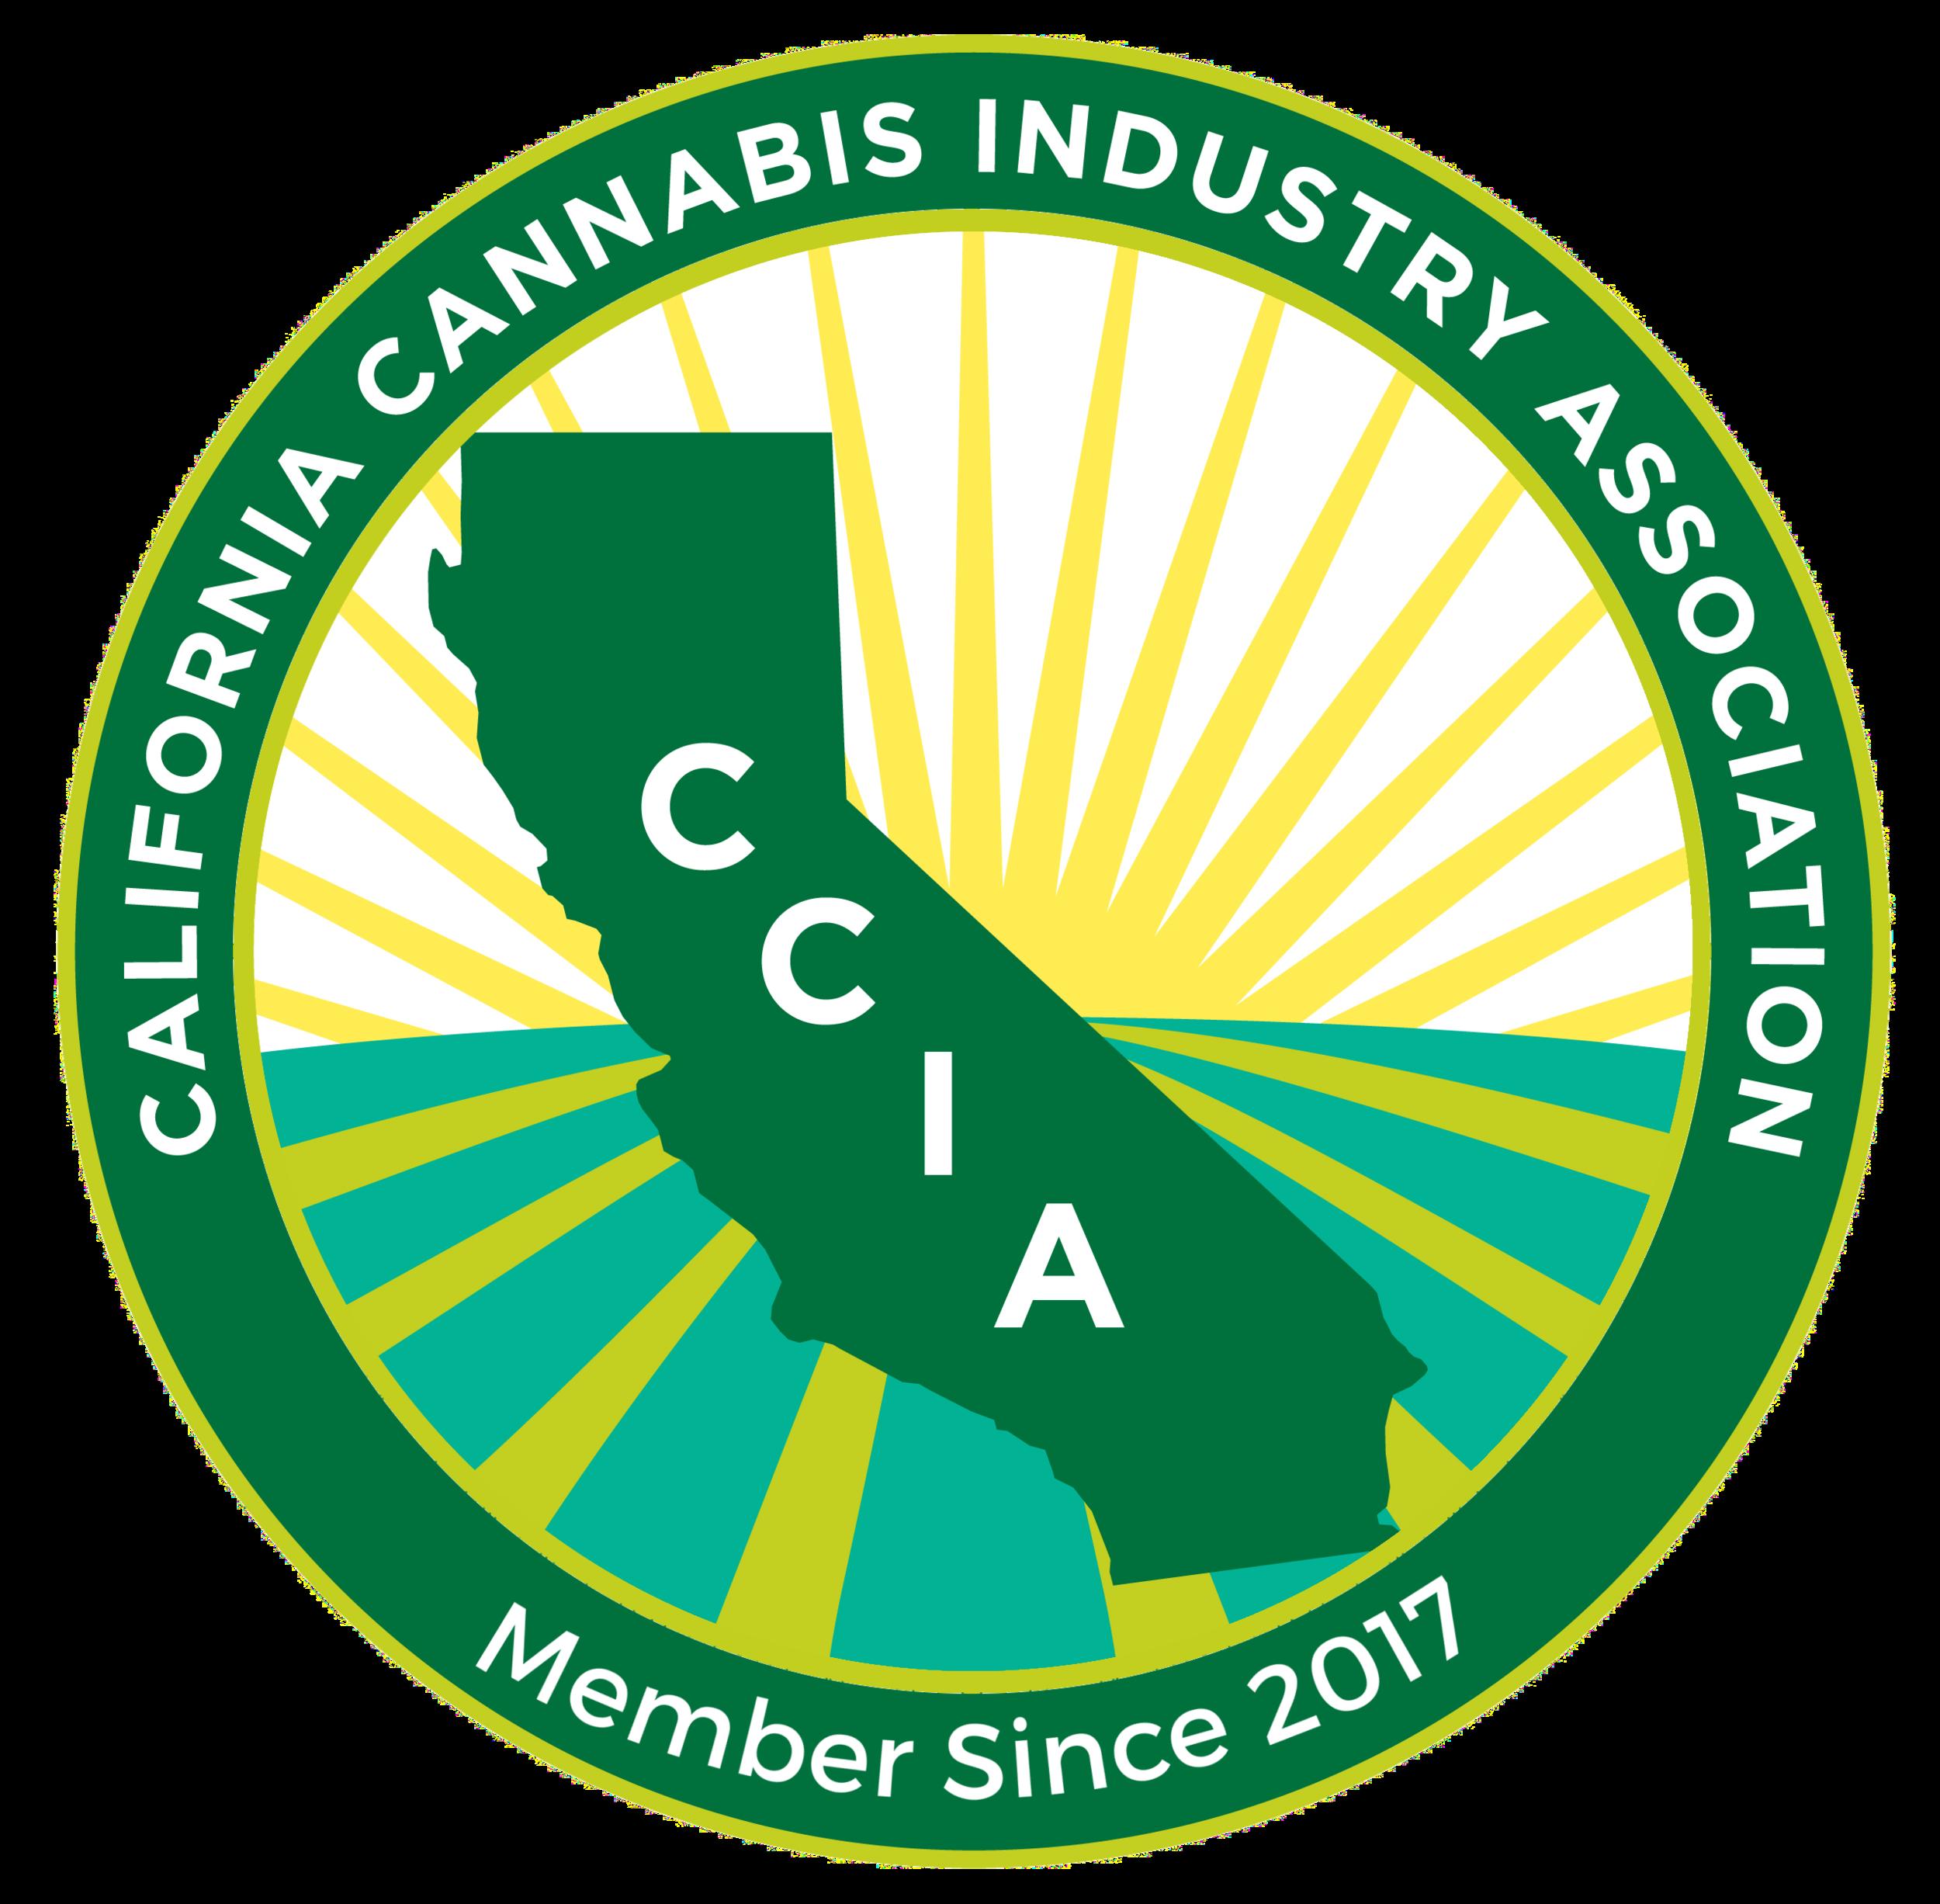 ccia_member_badge_2017.png